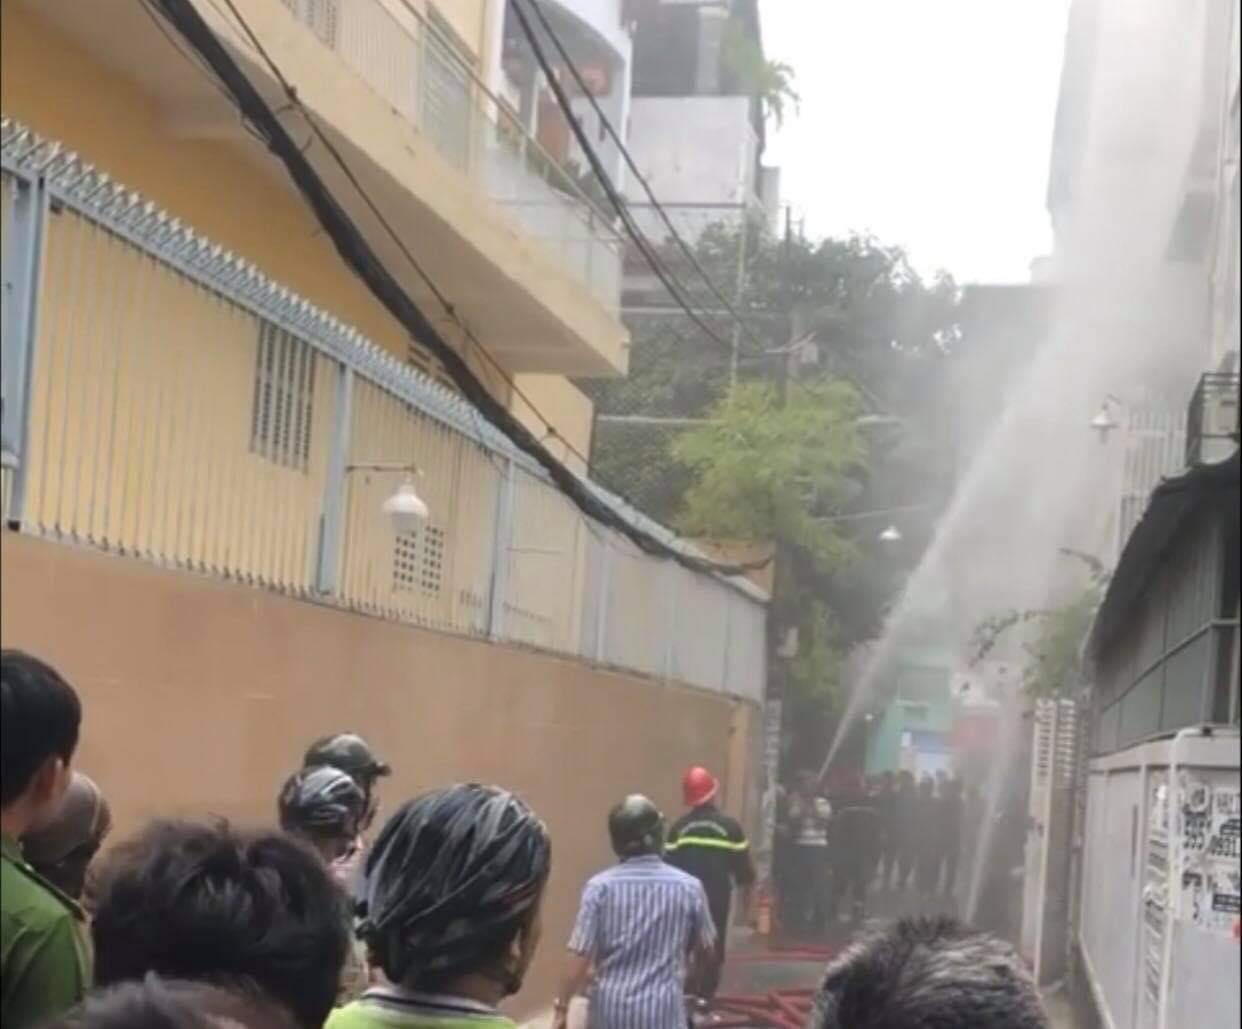 Công an TPHCM thông tin vụ giết người, cướp tài sản, đốt nhà ở Sài Gòn - Ảnh 1.